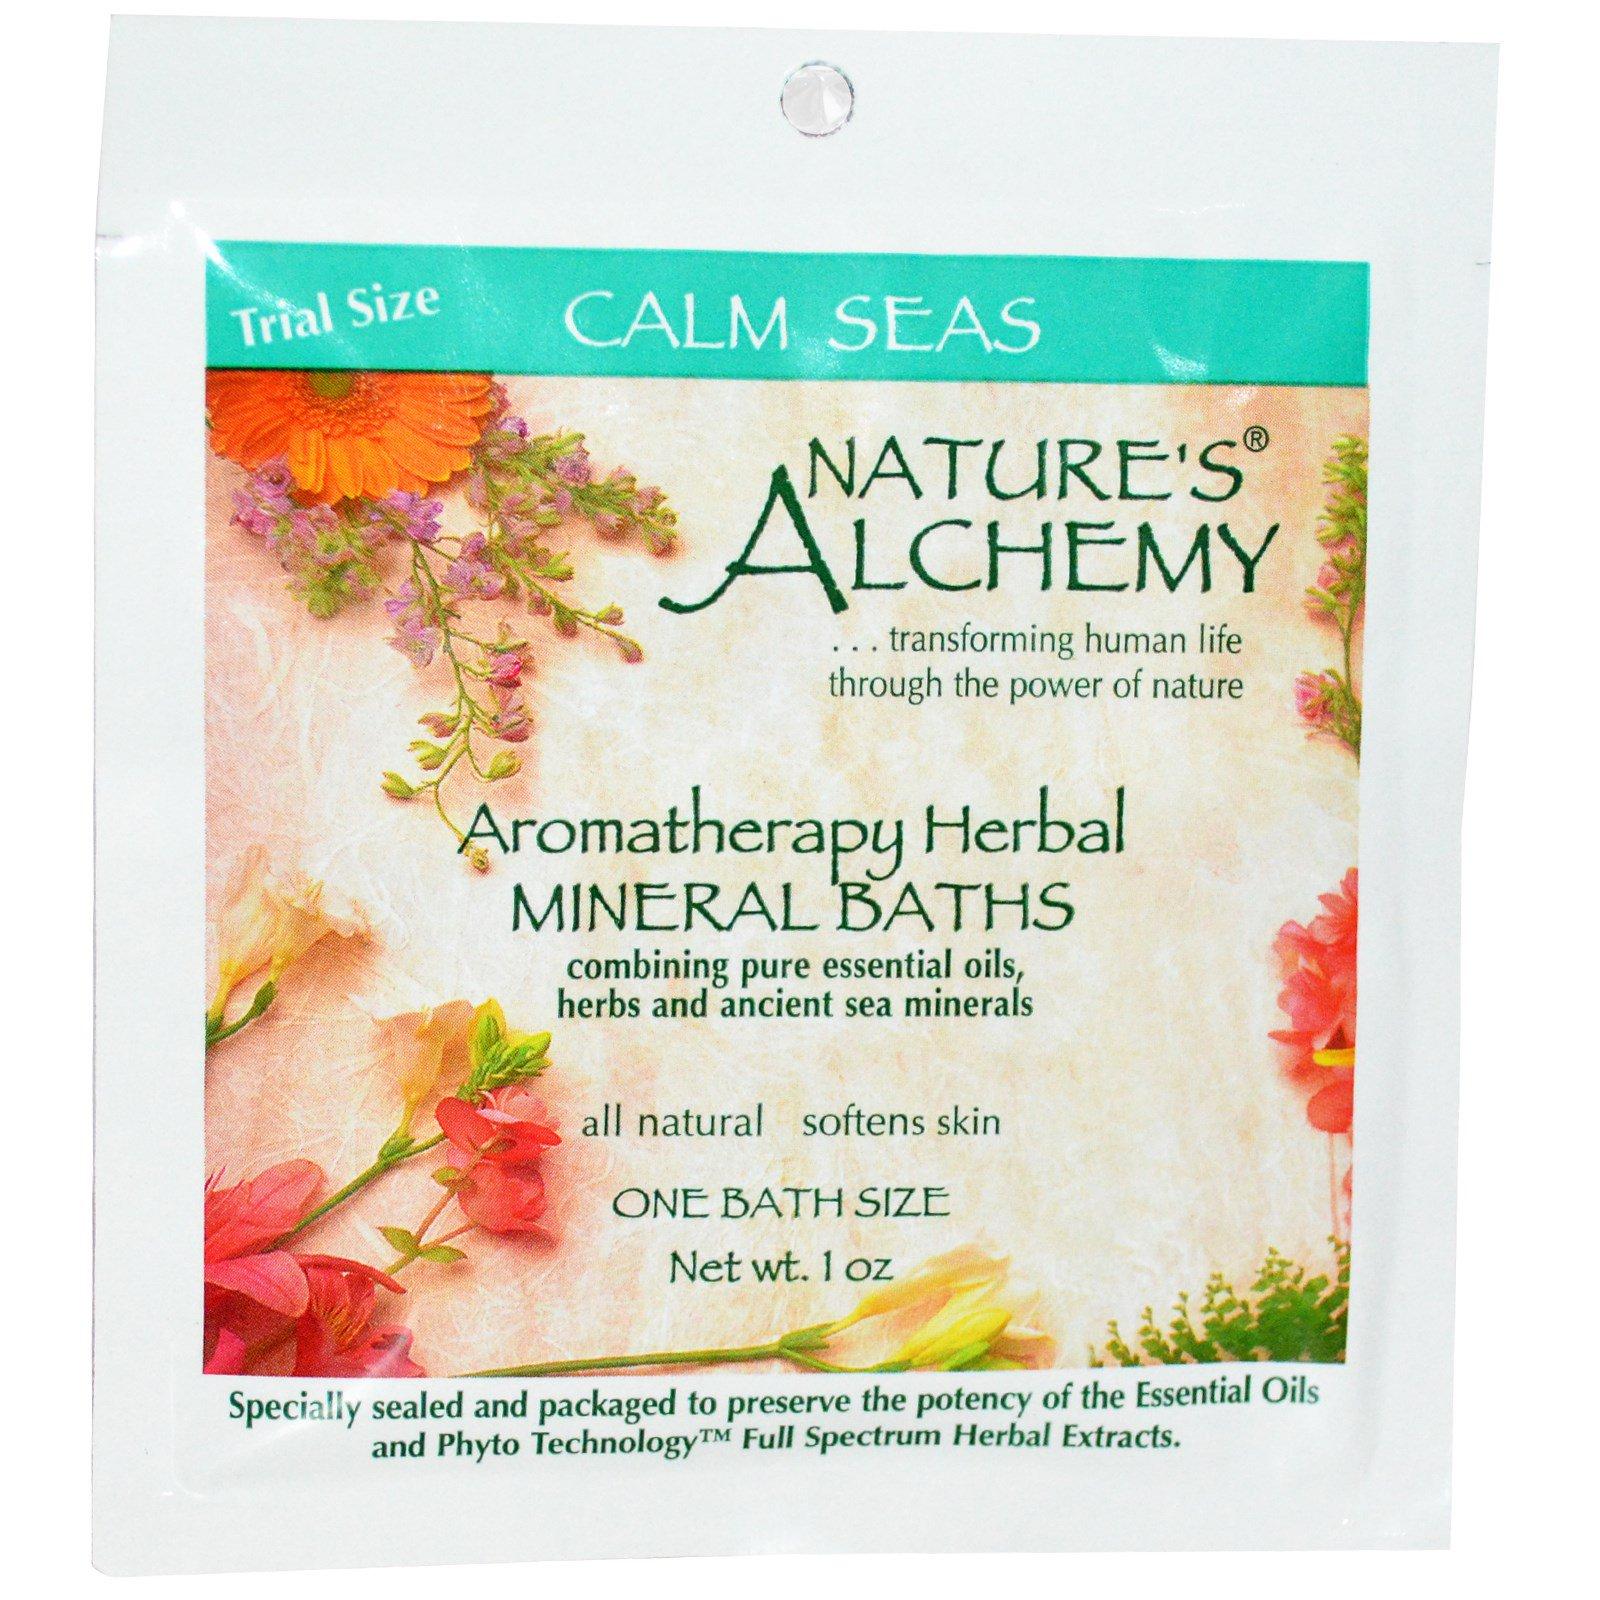 """Nature's Alchemy, Ароматерапевтические травяные минеральные ванны, """"Спокойные Моря"""", пробник, 1 oz (~30 мл)"""